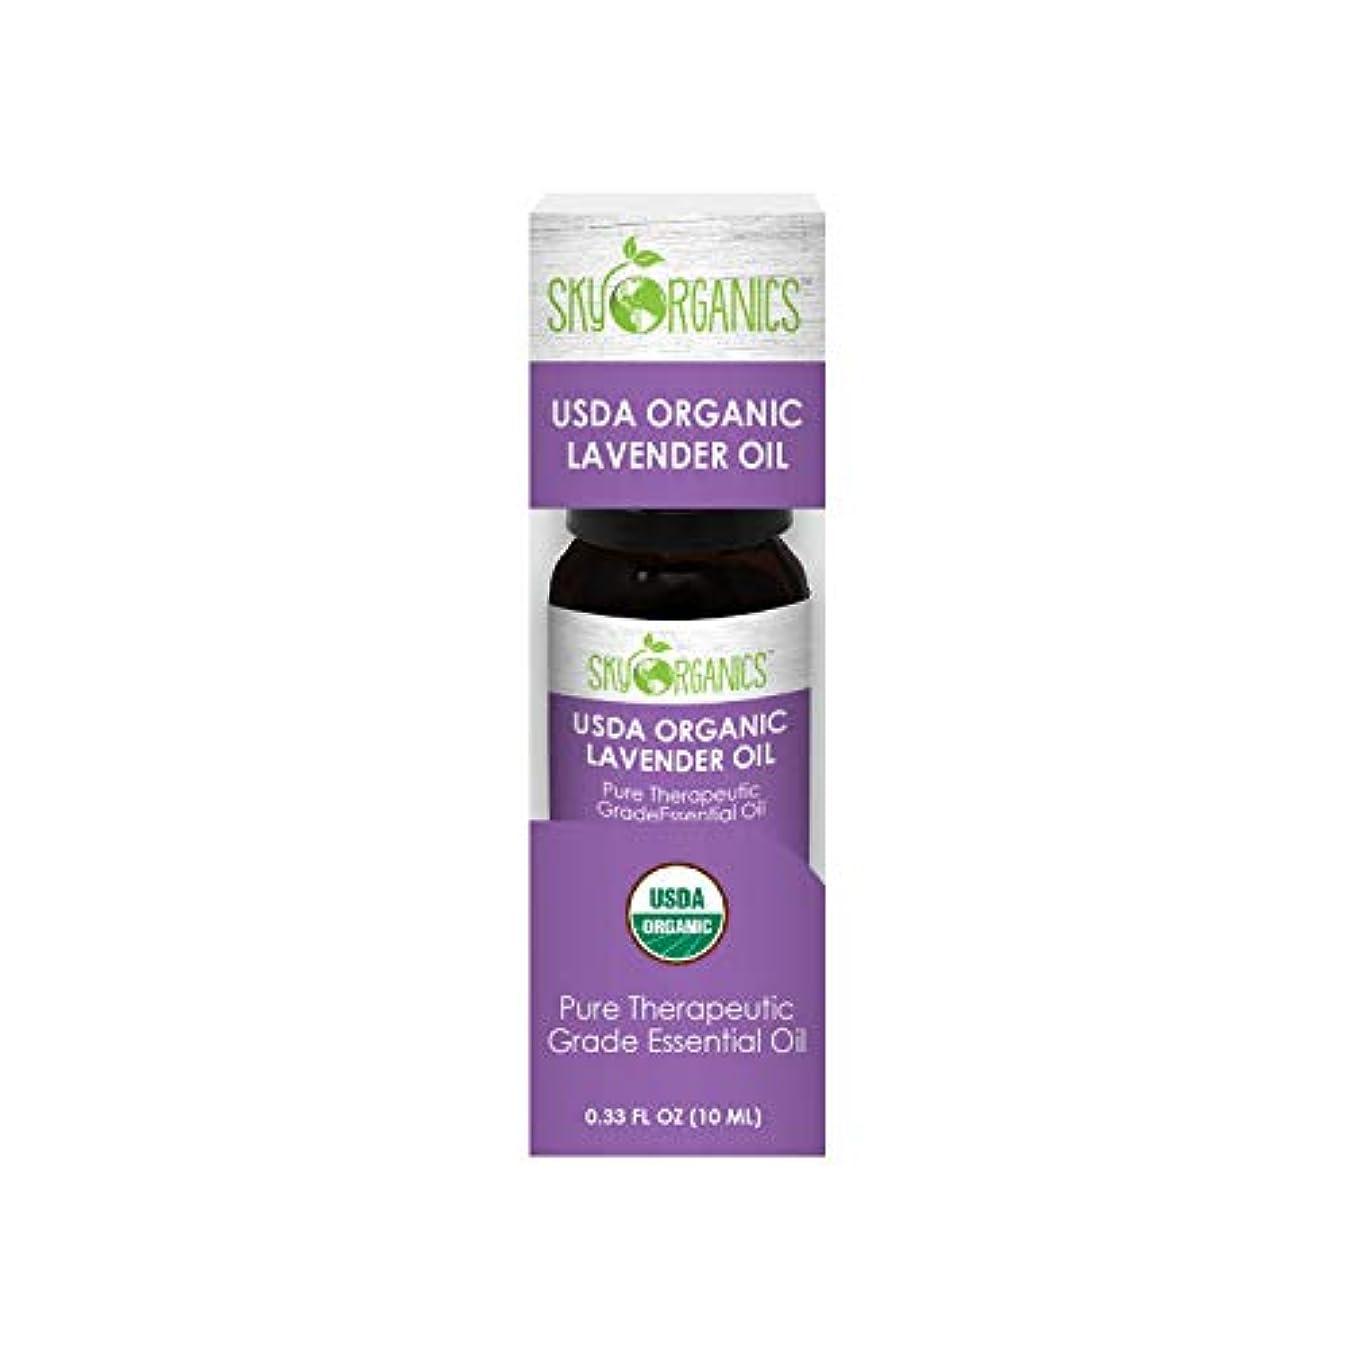 特徴づけるまっすぐ閃光認定エッセンシャルオイル Lavender Oil Sky Organics USDAオーガニックラベンダーオイル-10 ml-ピュアセラピューティックグレードのエッセンシャルオイル-ディフューザー、アロマセラピー、マッサージオイル、DIY